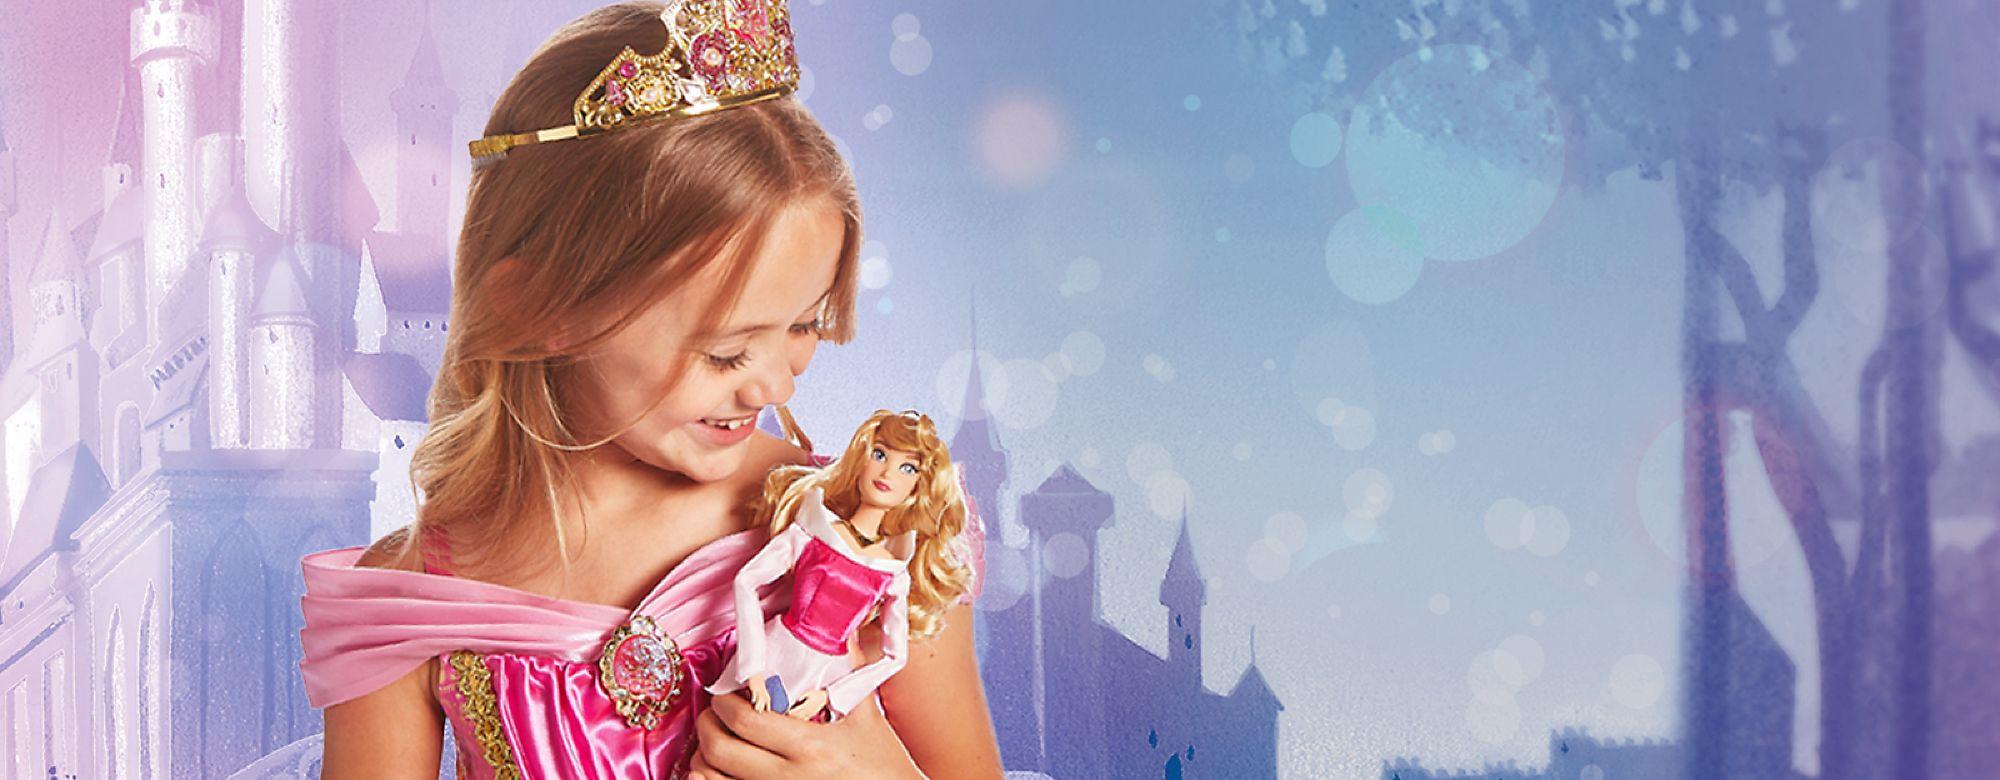 Notre sélection du meilleur de Disney ravira les fans de tout âge  VOIR LA COLLECTION DISNEY